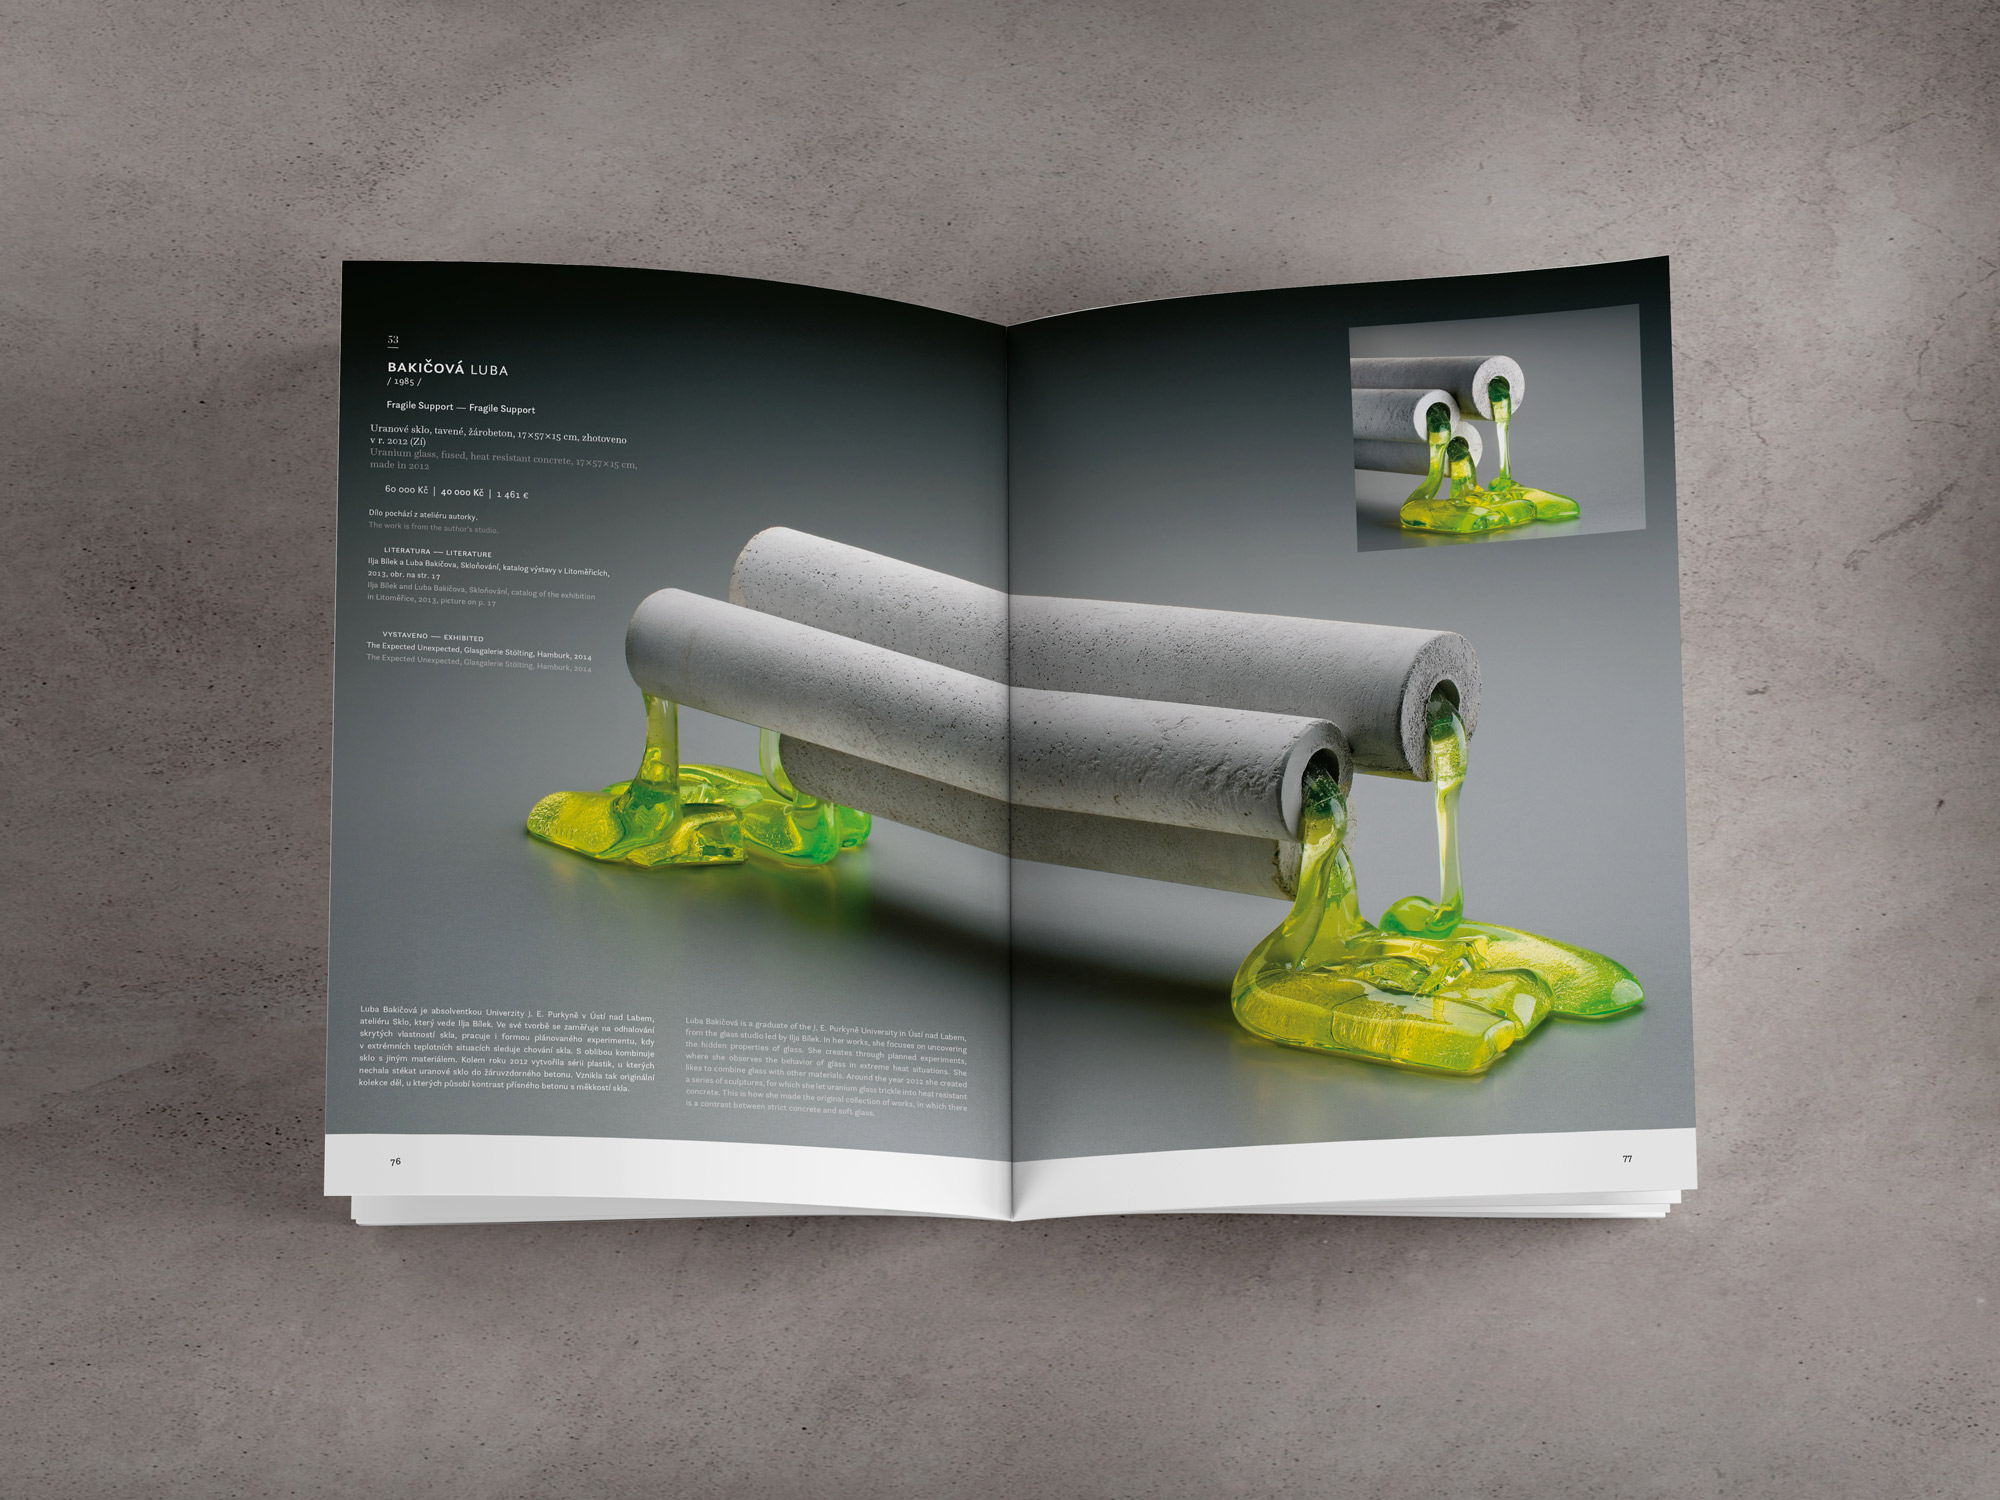 [album/Products_Model_Product/51/DOR_Krehka_sila_katalog_2015_vnitrek_5.jpg]